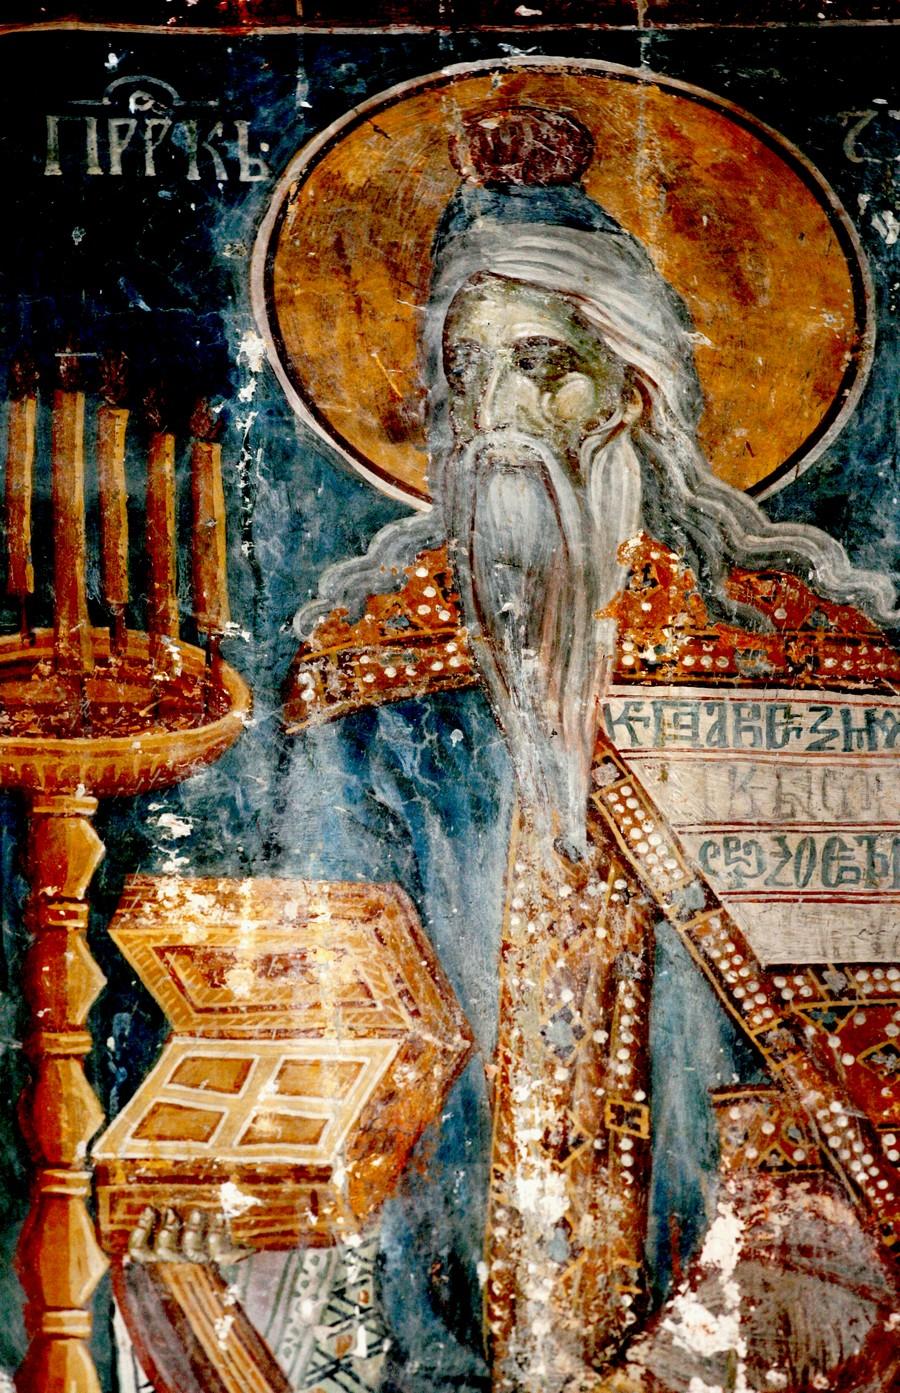 Святой Пророк Захария, отец Святого Иоанна Предтечи. Фреска церкви Святого Димитрия в монастыре Печская Патриархия, Косово и Метохия, Сербия. 1322 - 1324 годы.